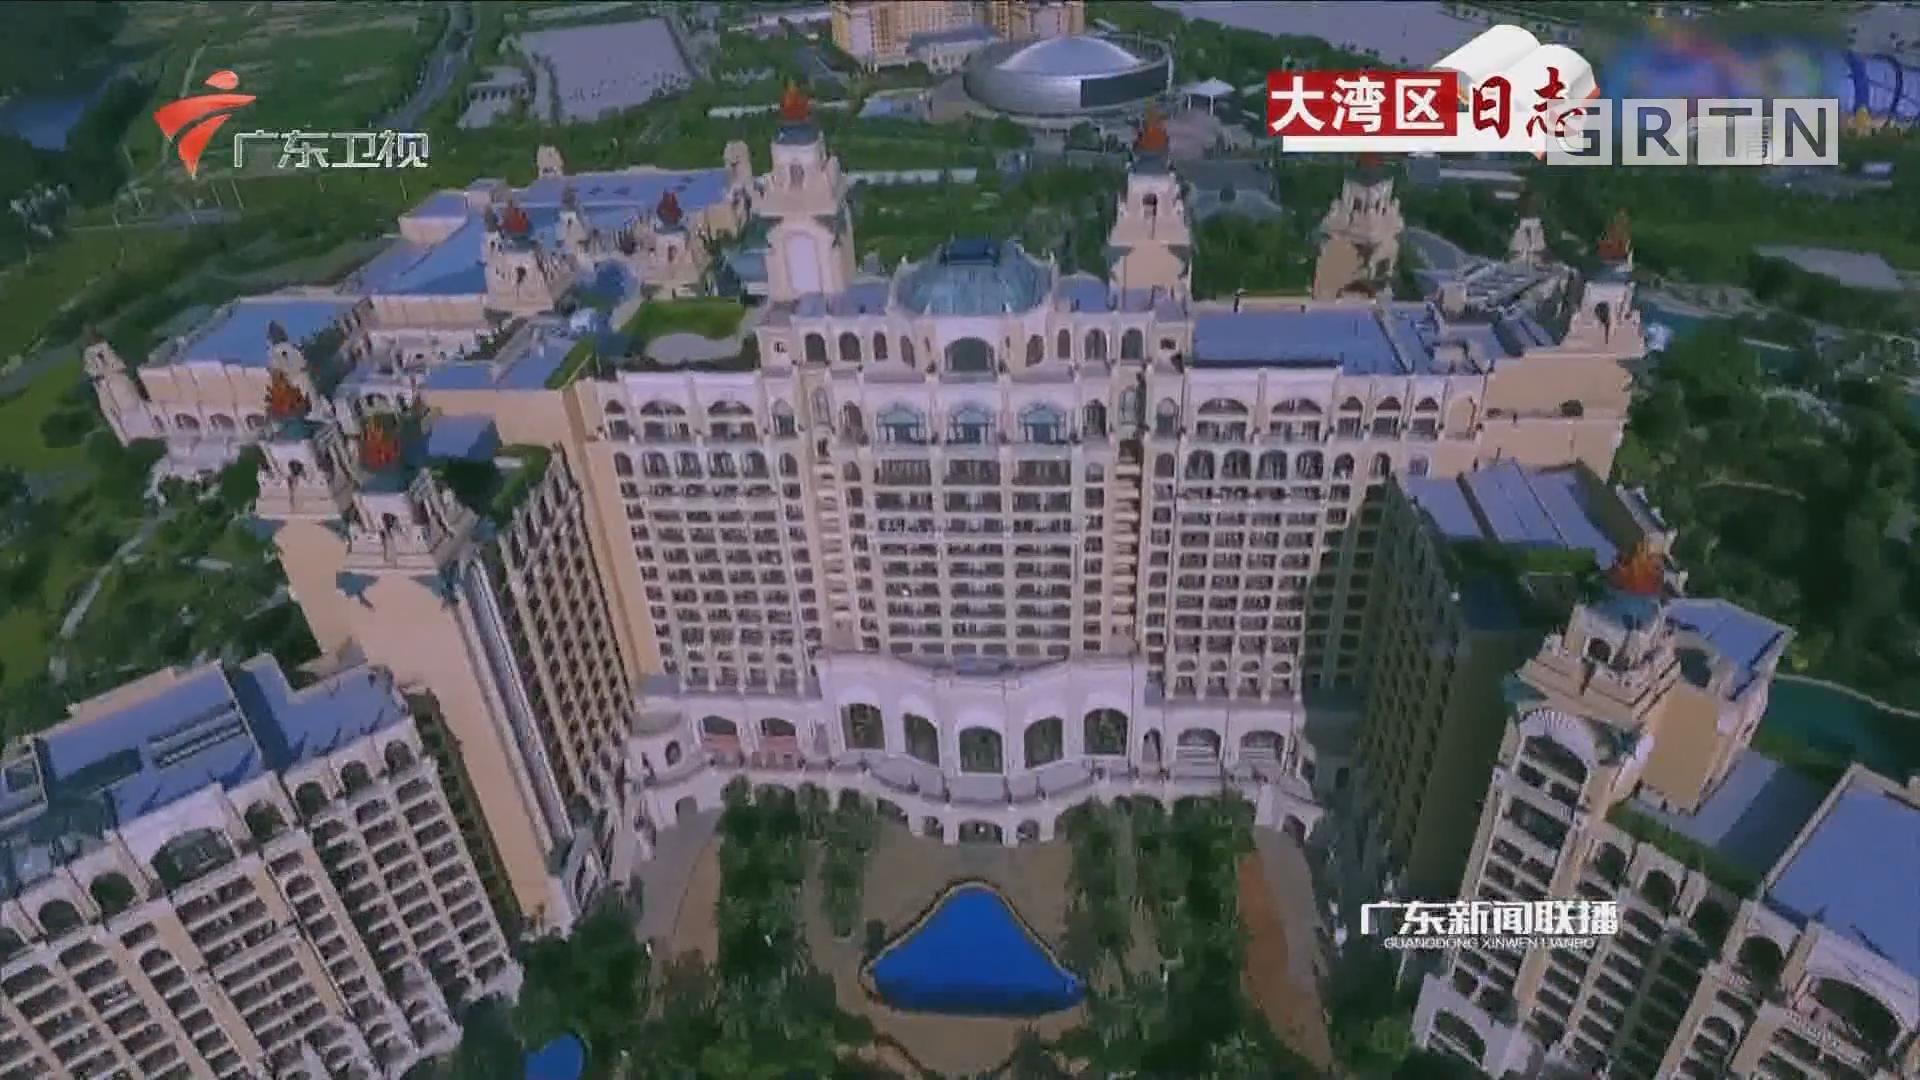 横琴:打造国际休闲旅游岛 构建全域旅游发展新格局